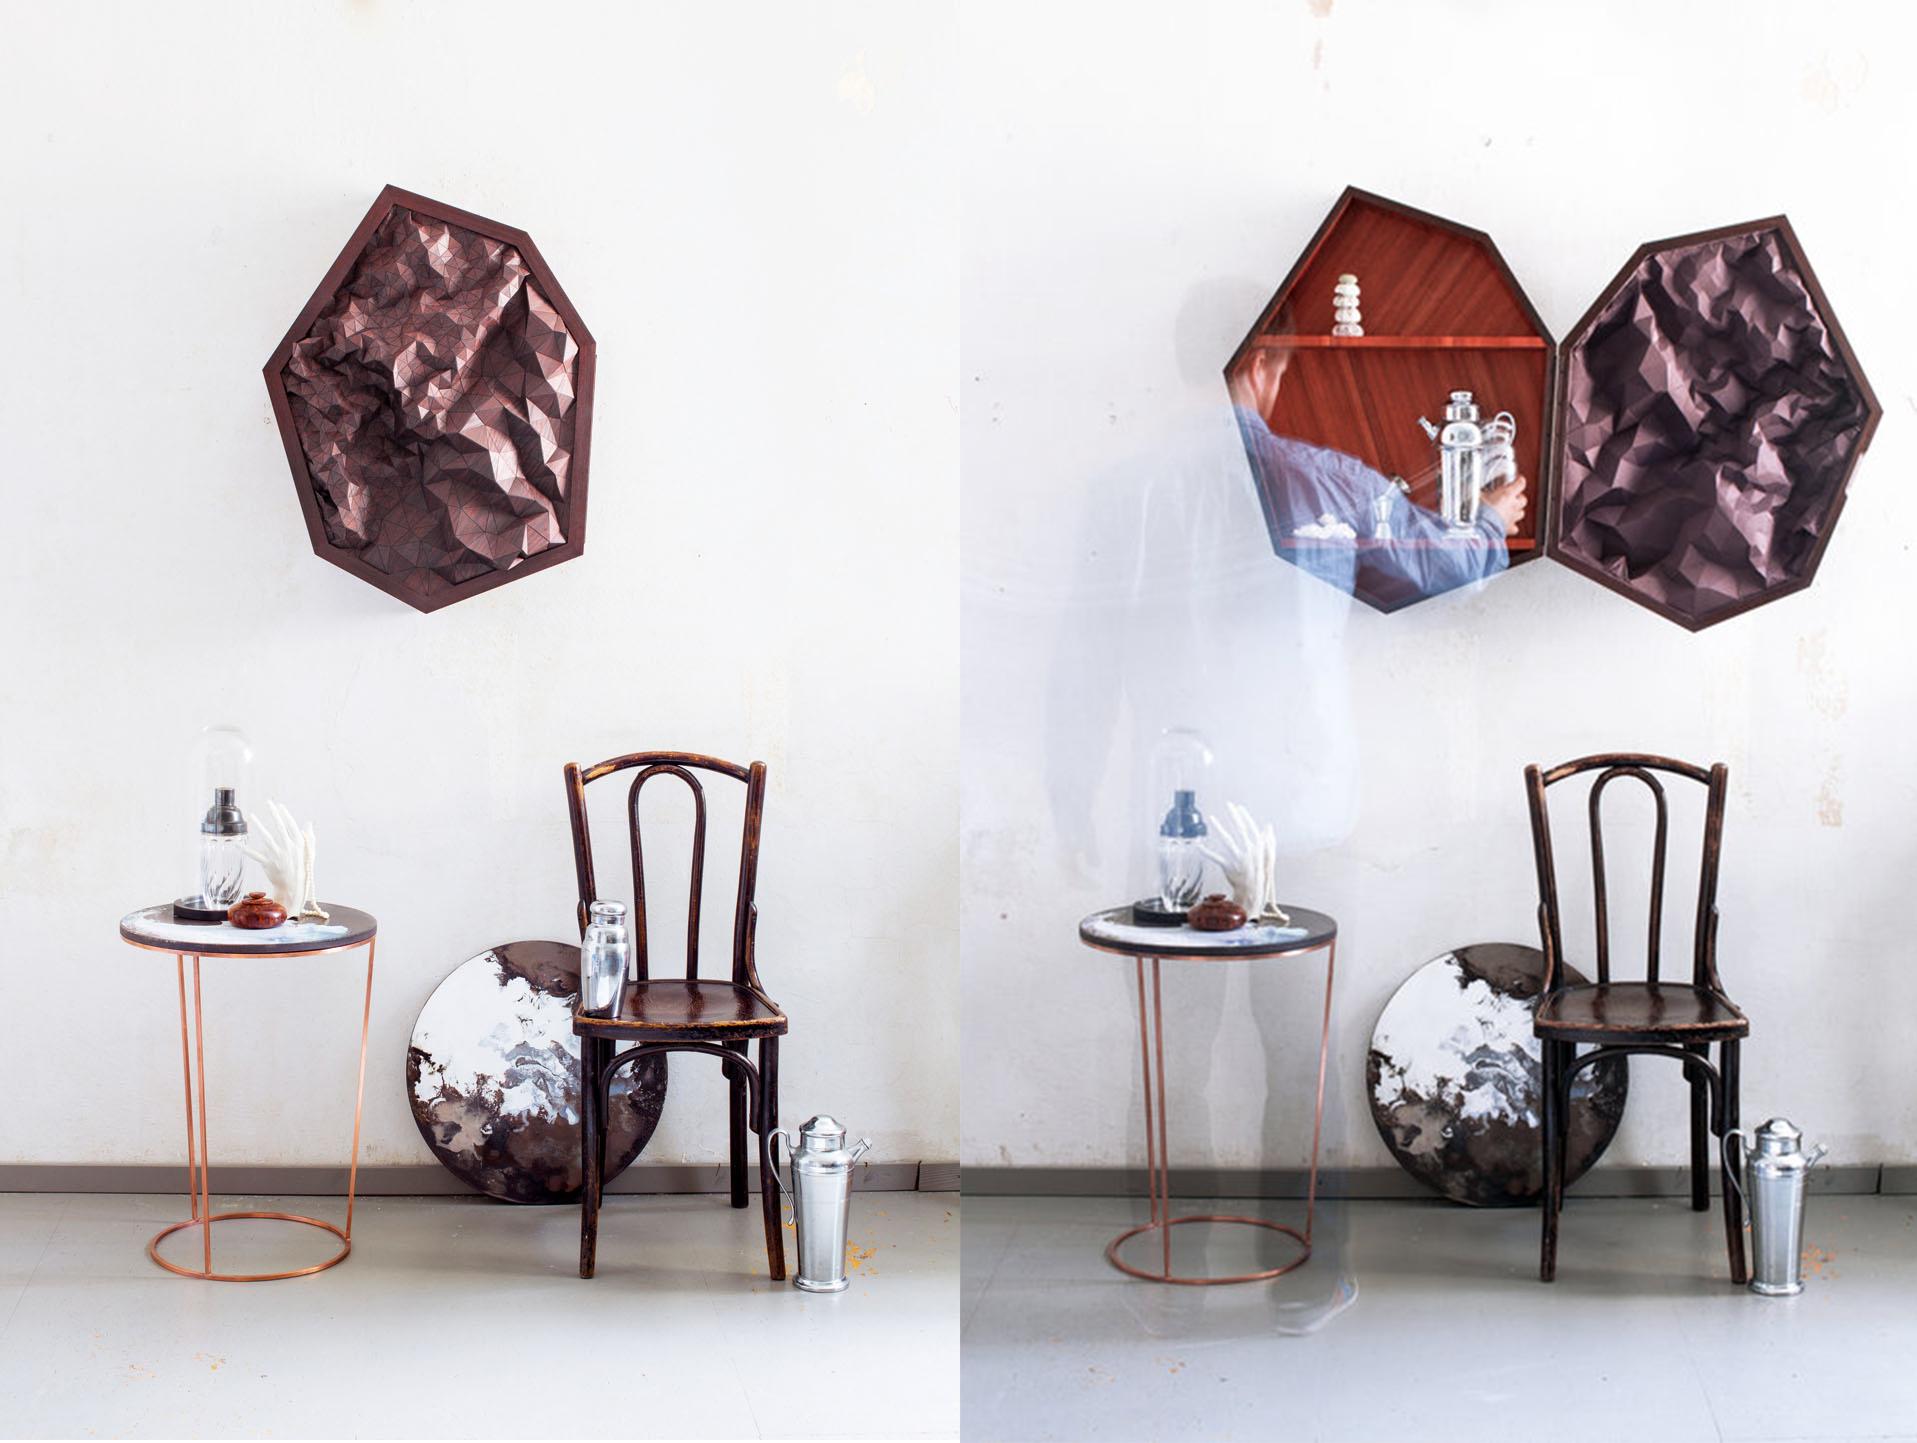 Septagon mueble-bar poliédrico concebido con el artista Sebastian Neeb